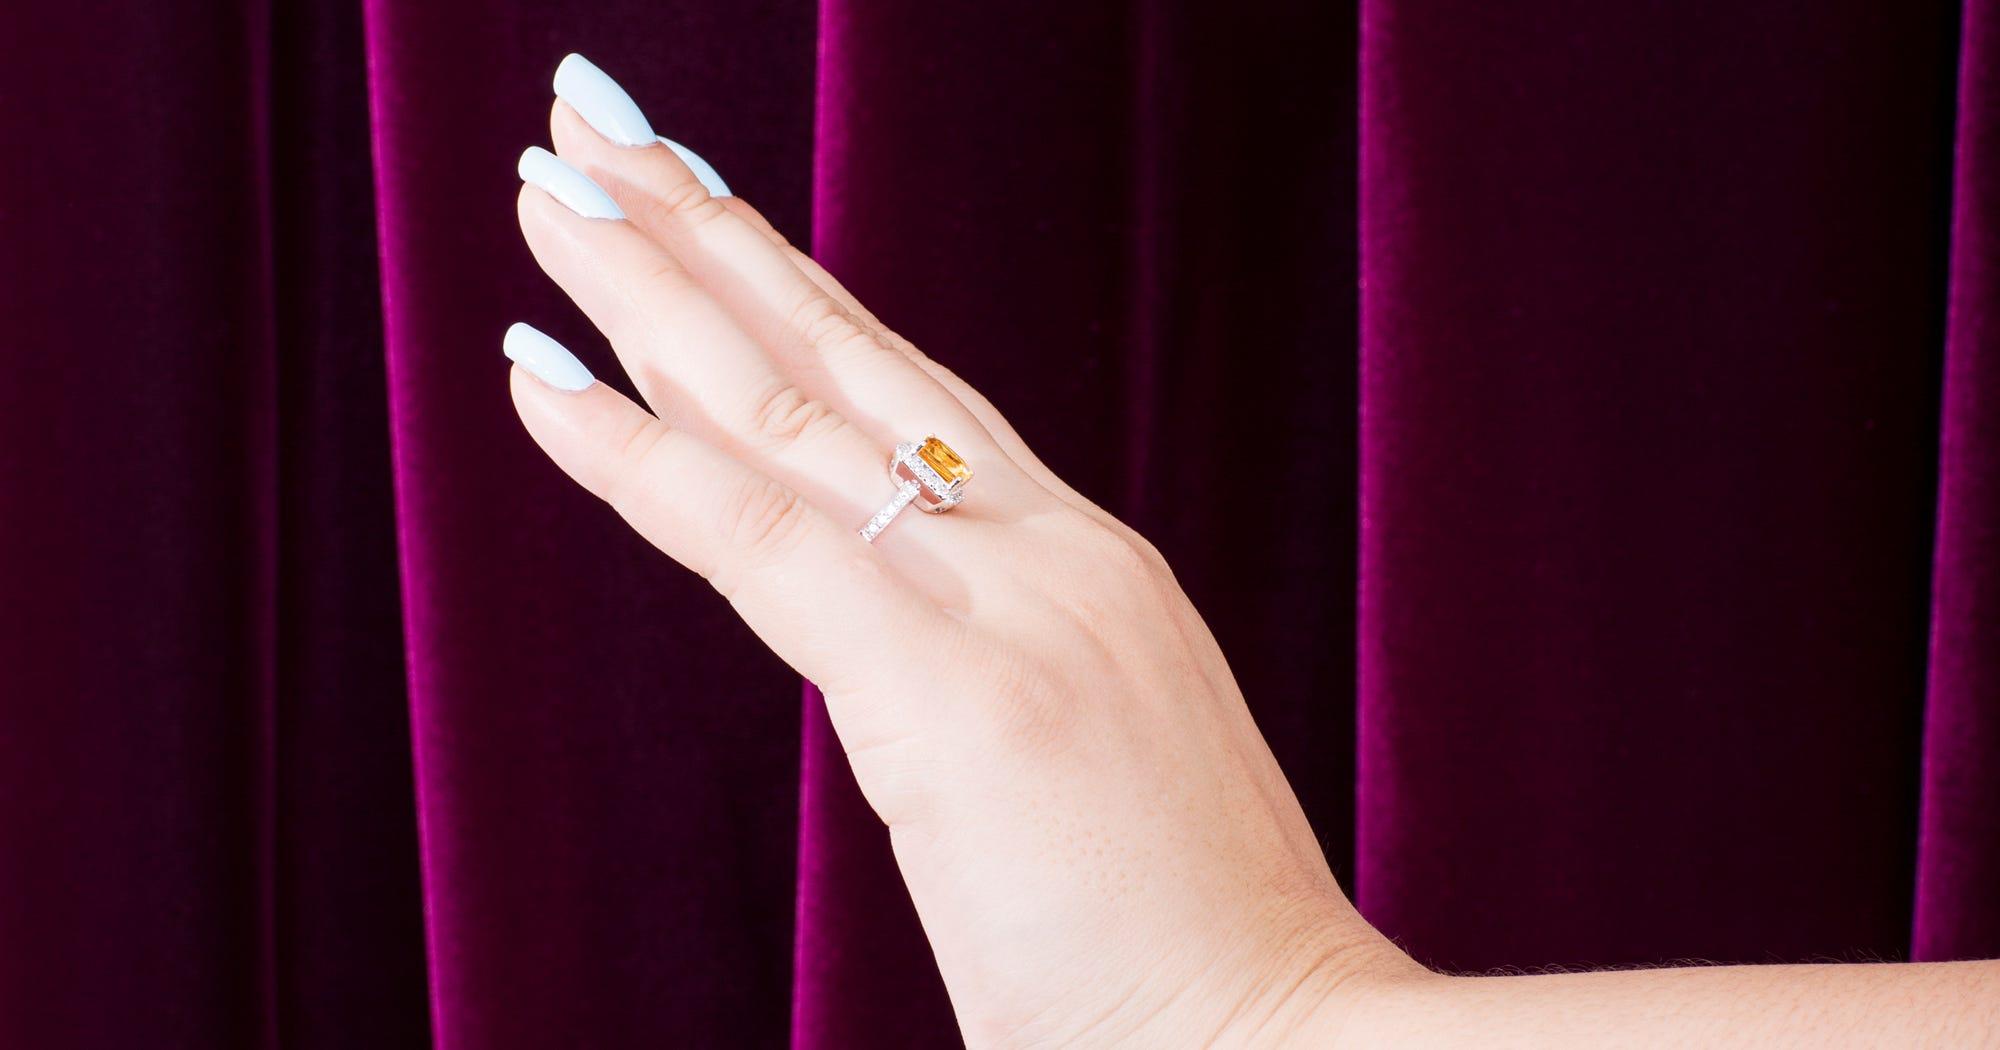 Wearing Fake Engagement Ring At Work Viral Post